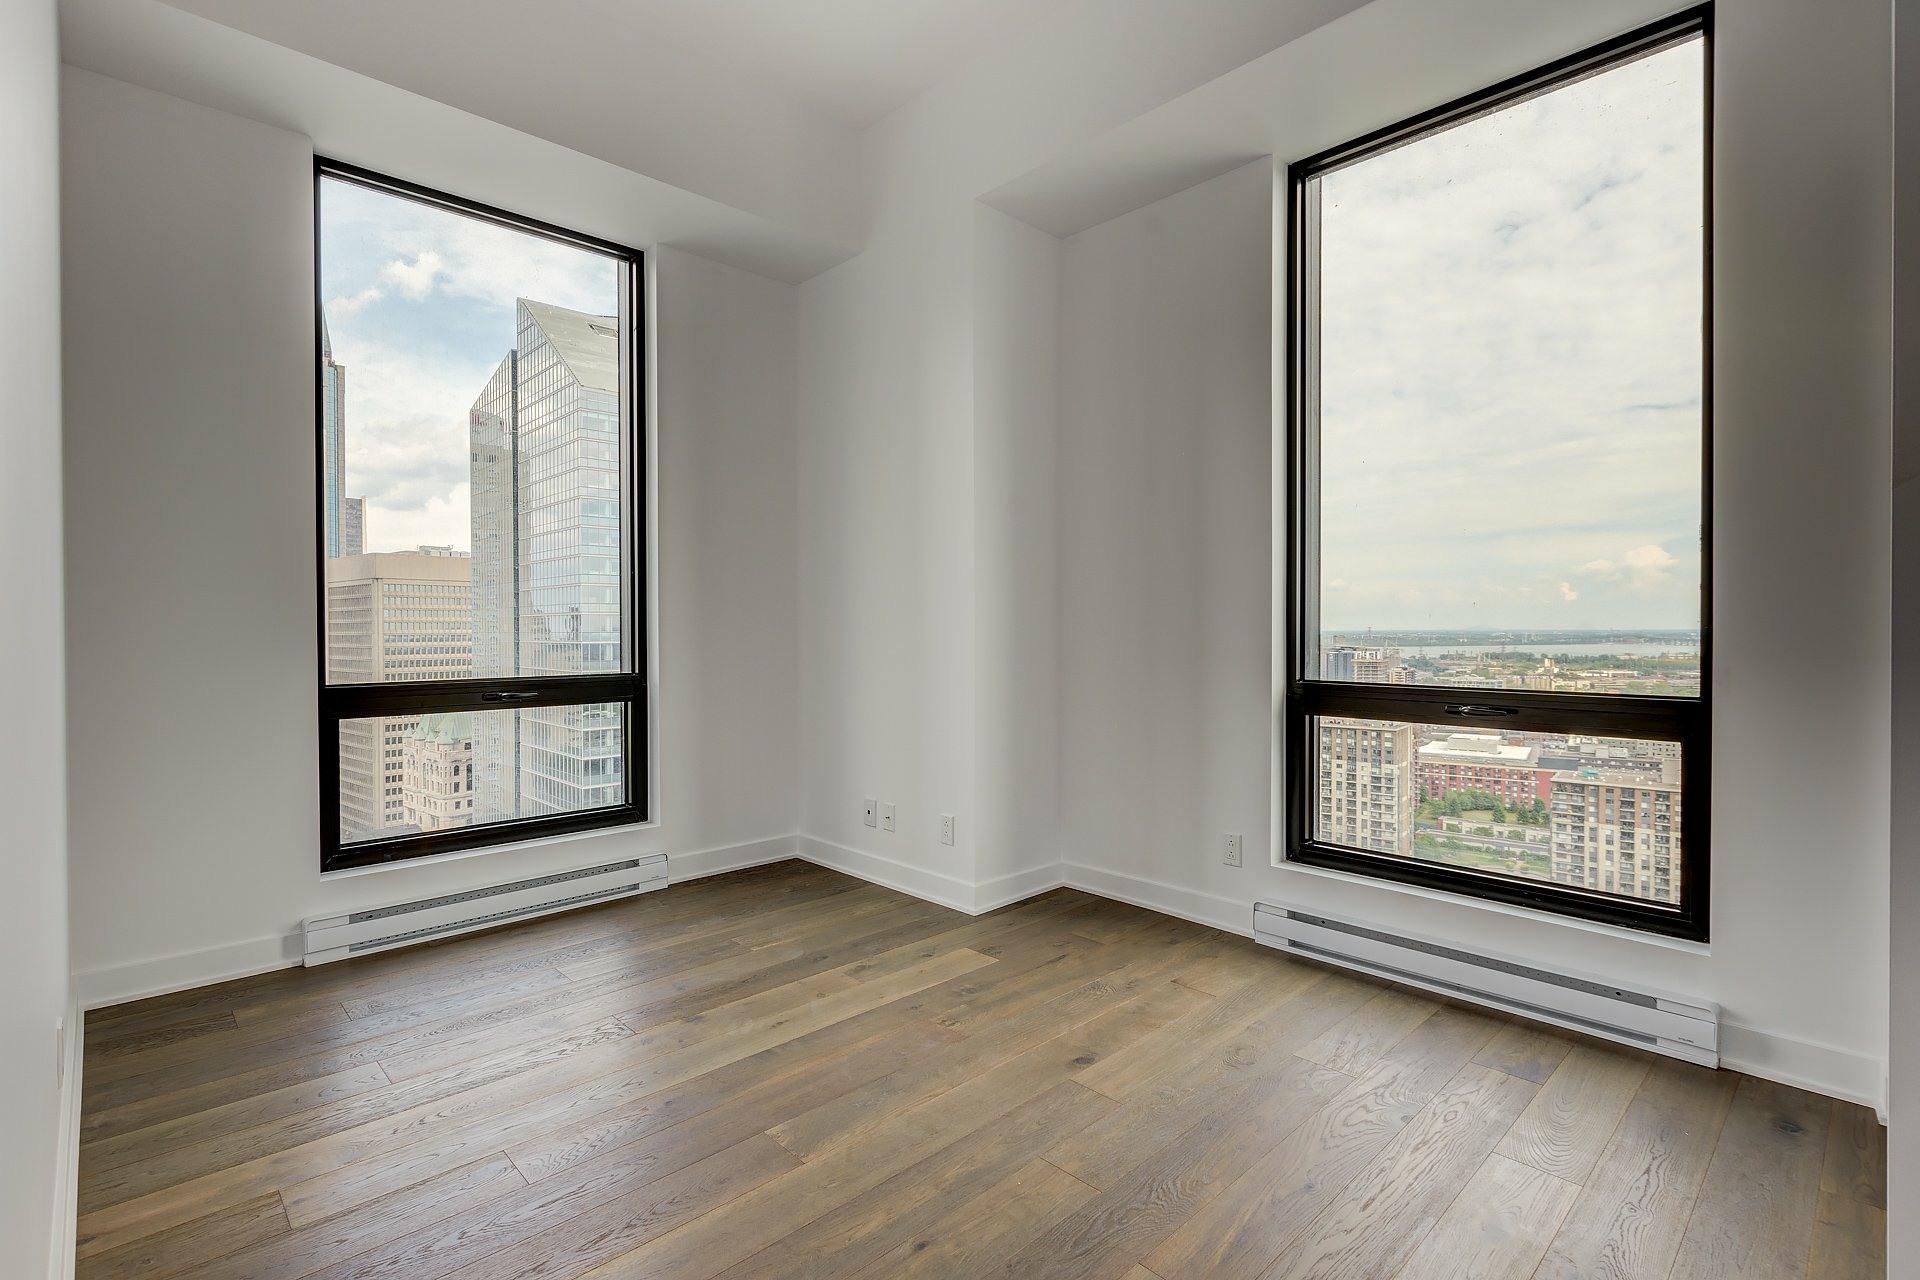 image 8 - Apartment For rent Montréal Ville-Marie  - 4 rooms